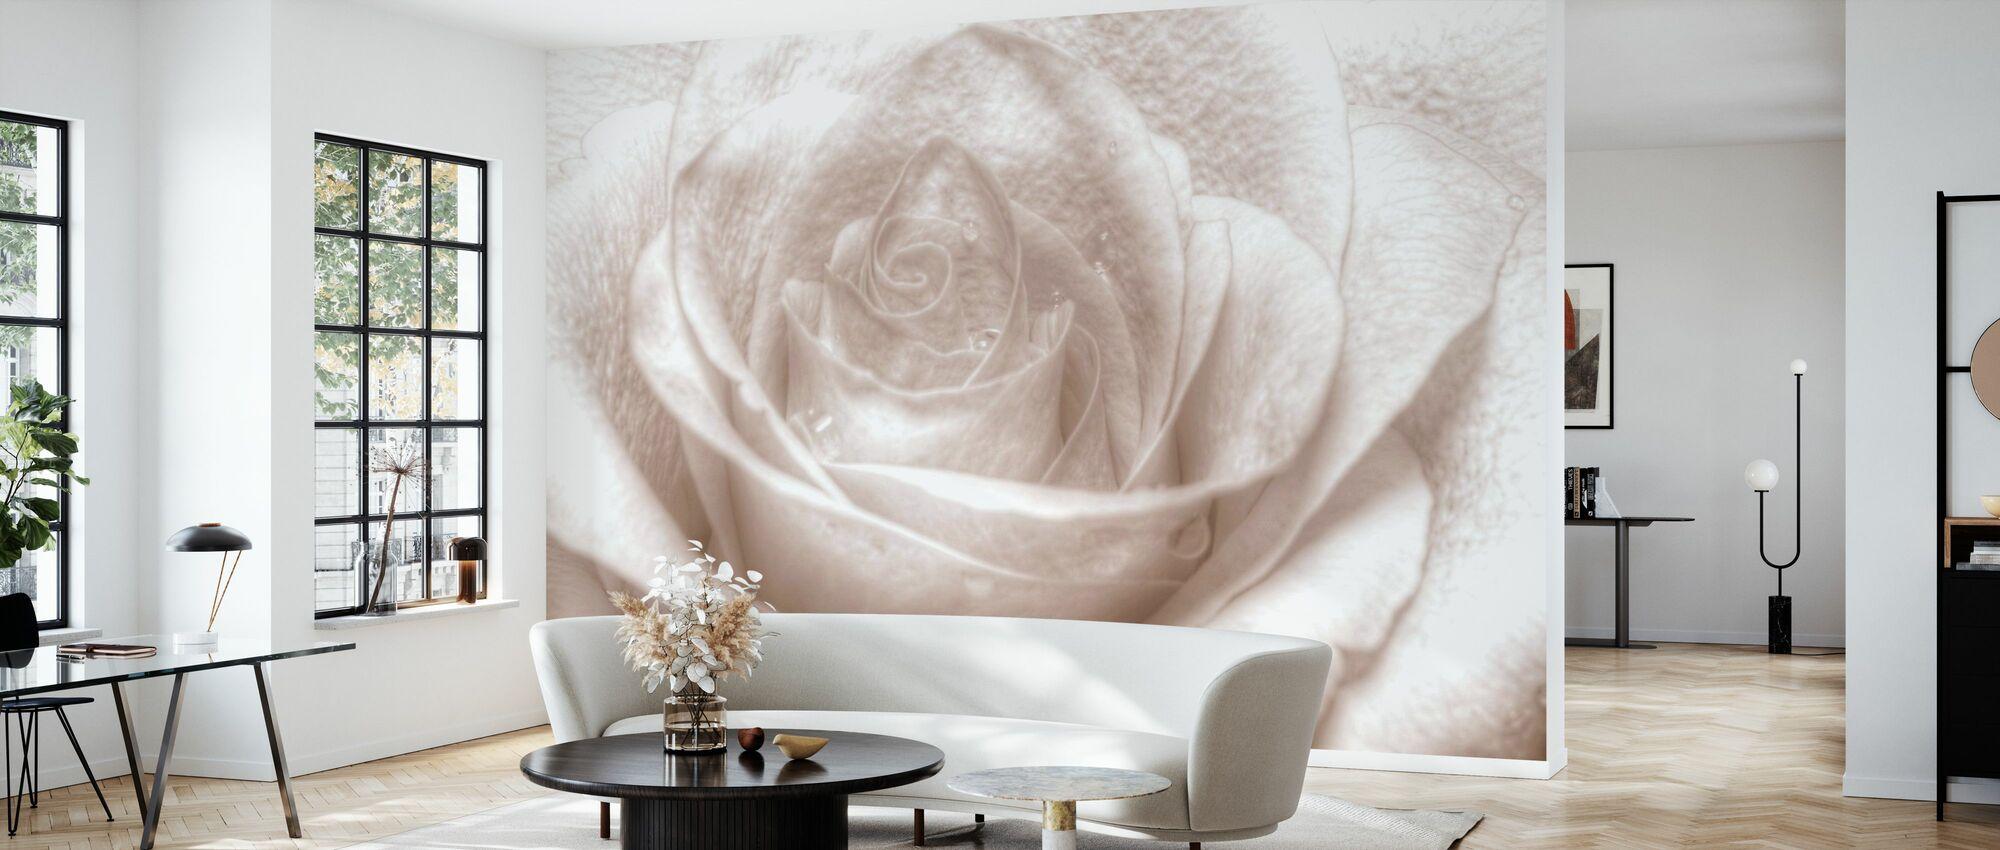 High Key Rose - Wallpaper - Living Room